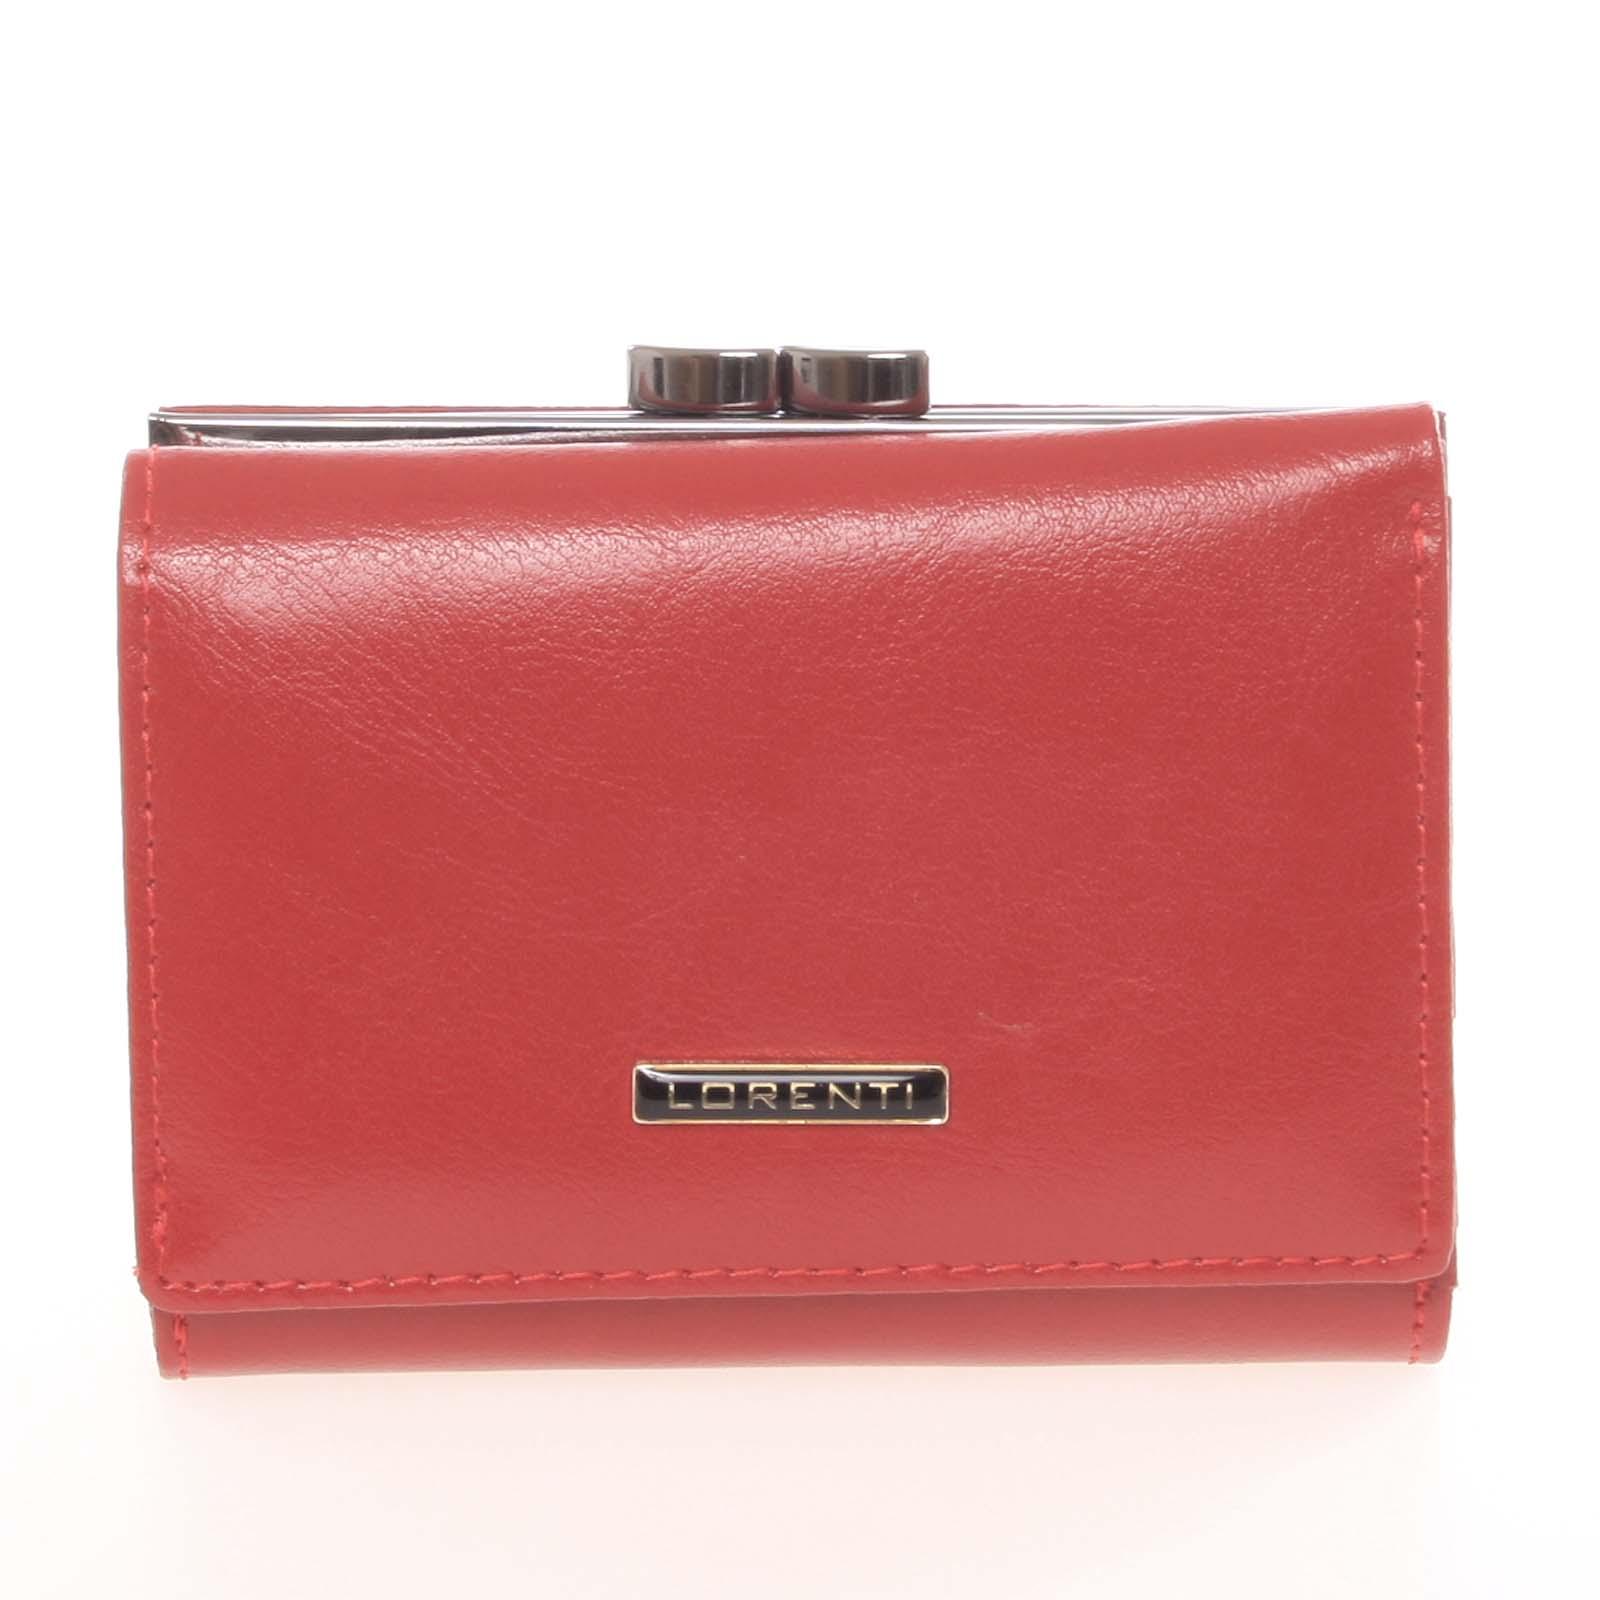 Dámska červená retro peňaženka - Lorenti 1509 červená